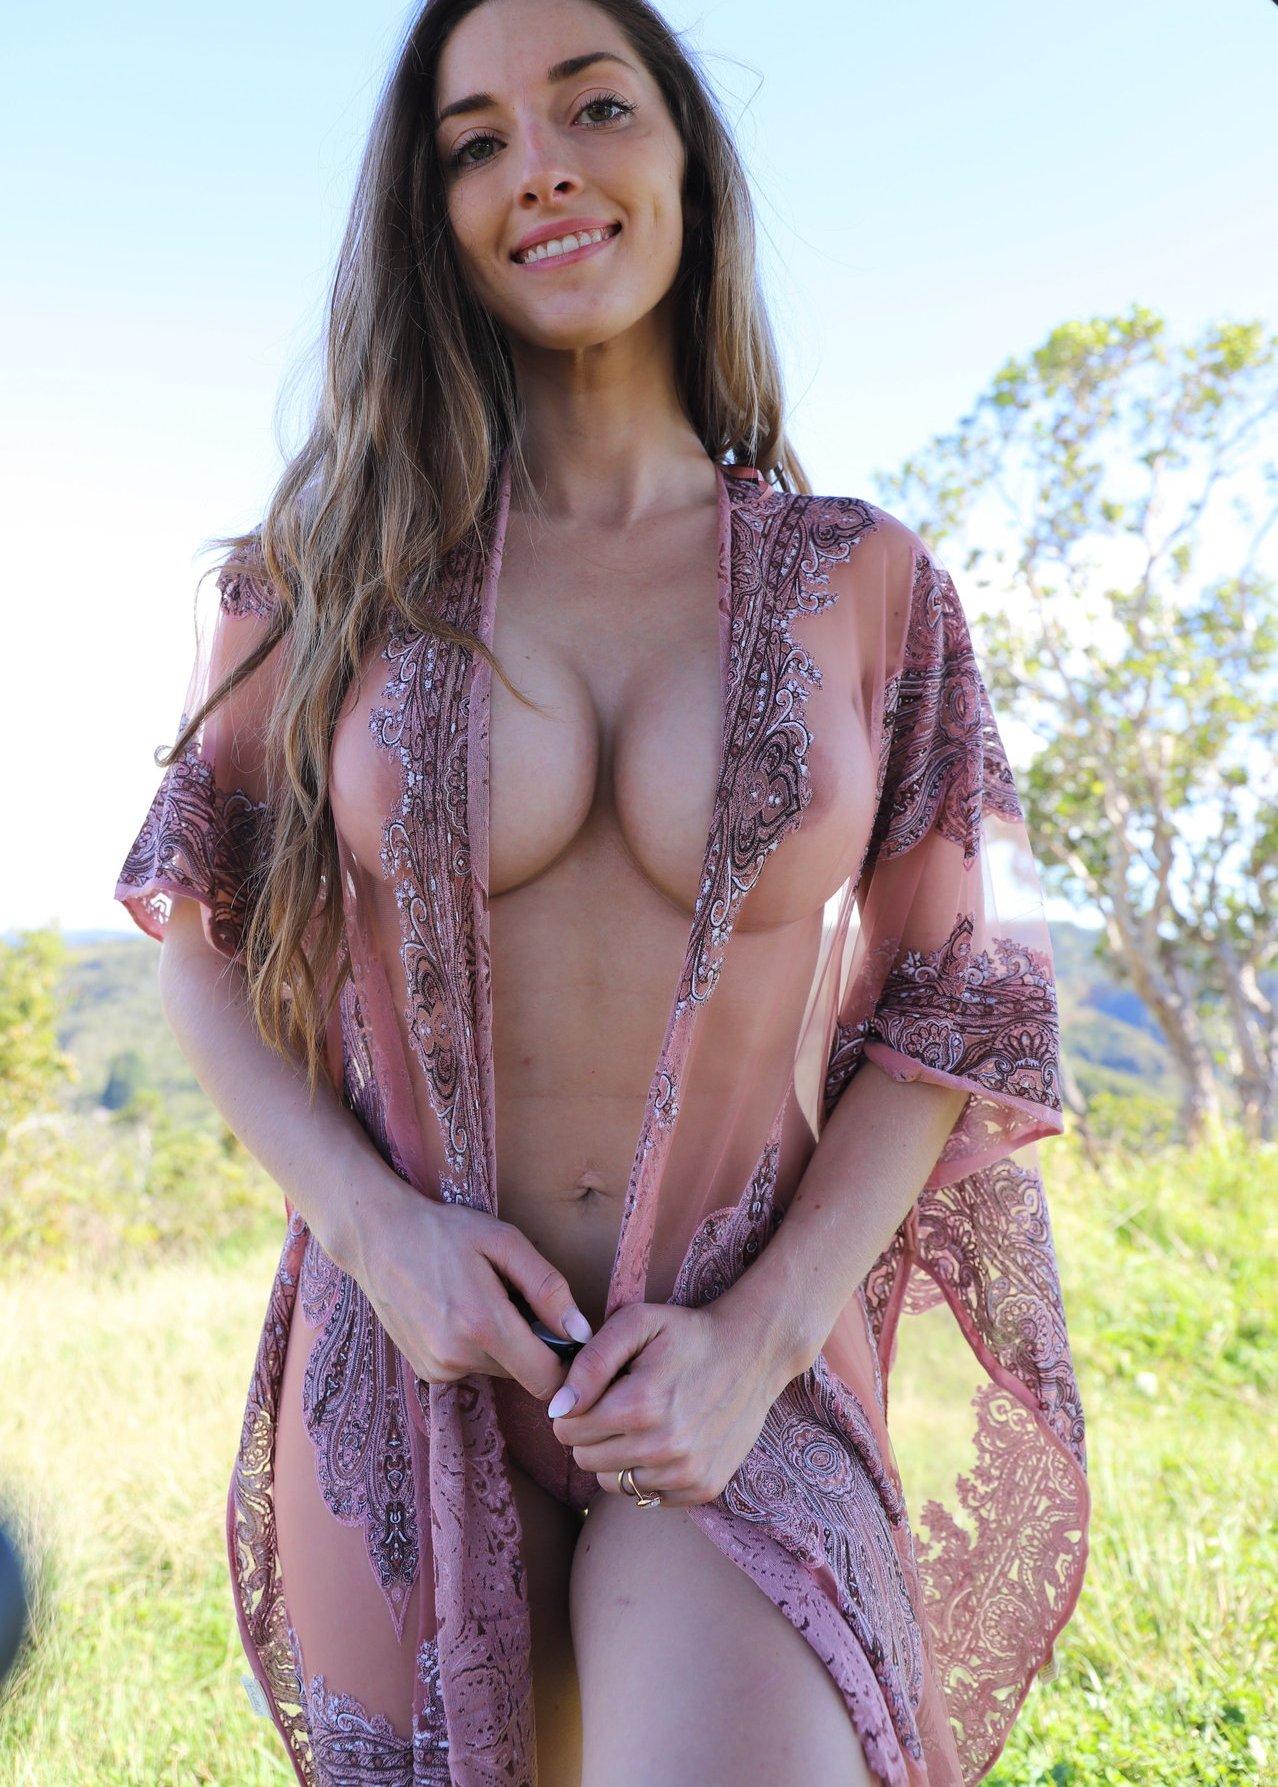 Abby Opel Onlyfans Nude Leaks 0035